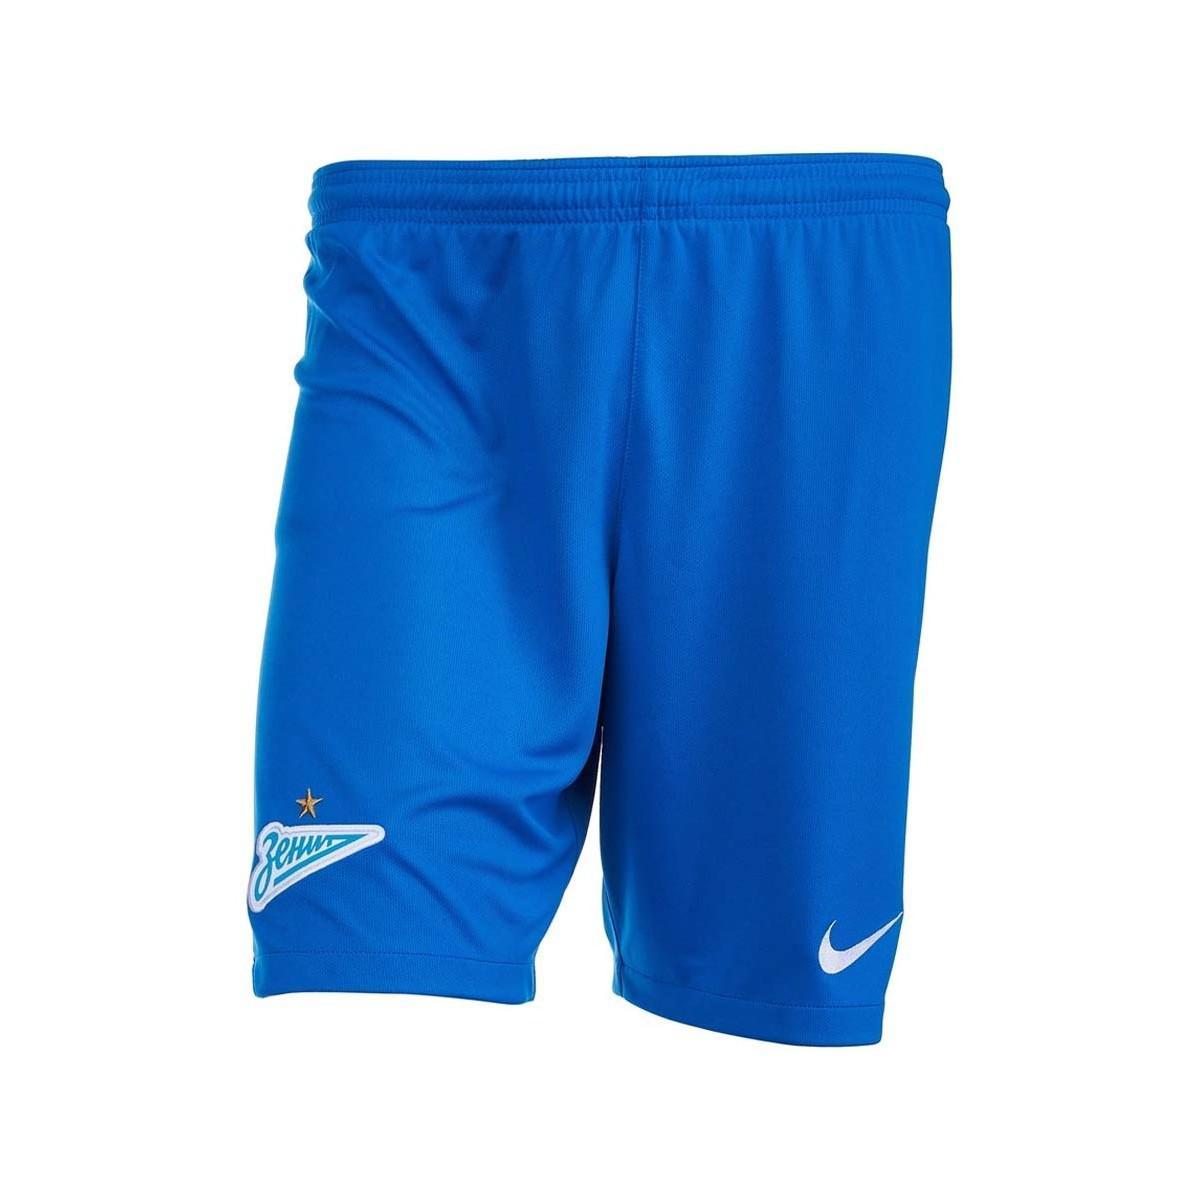 Nike 2018-2019 Zenit Home Shorts Women s Shorts In Blue in Blue - Lyst 80b05211488